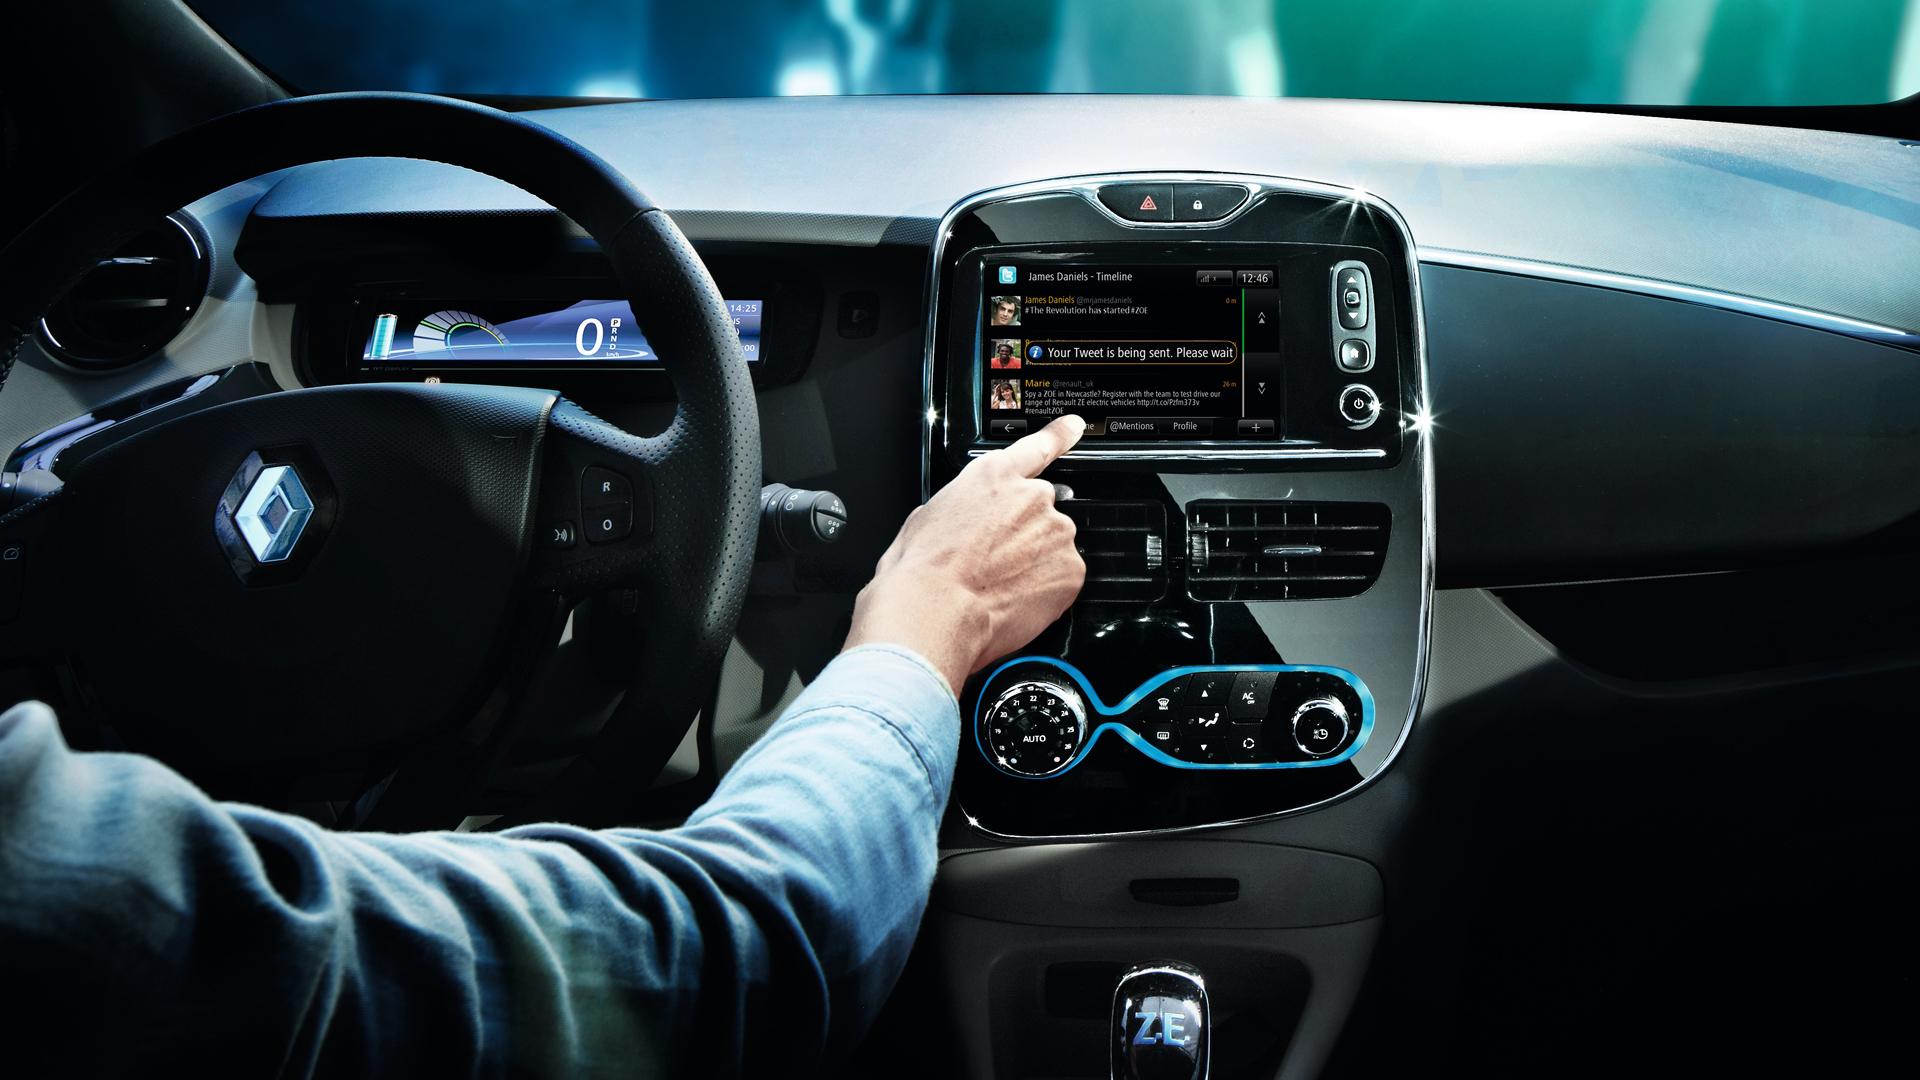 Las ventajas con respecto al carsharing y la MaaS